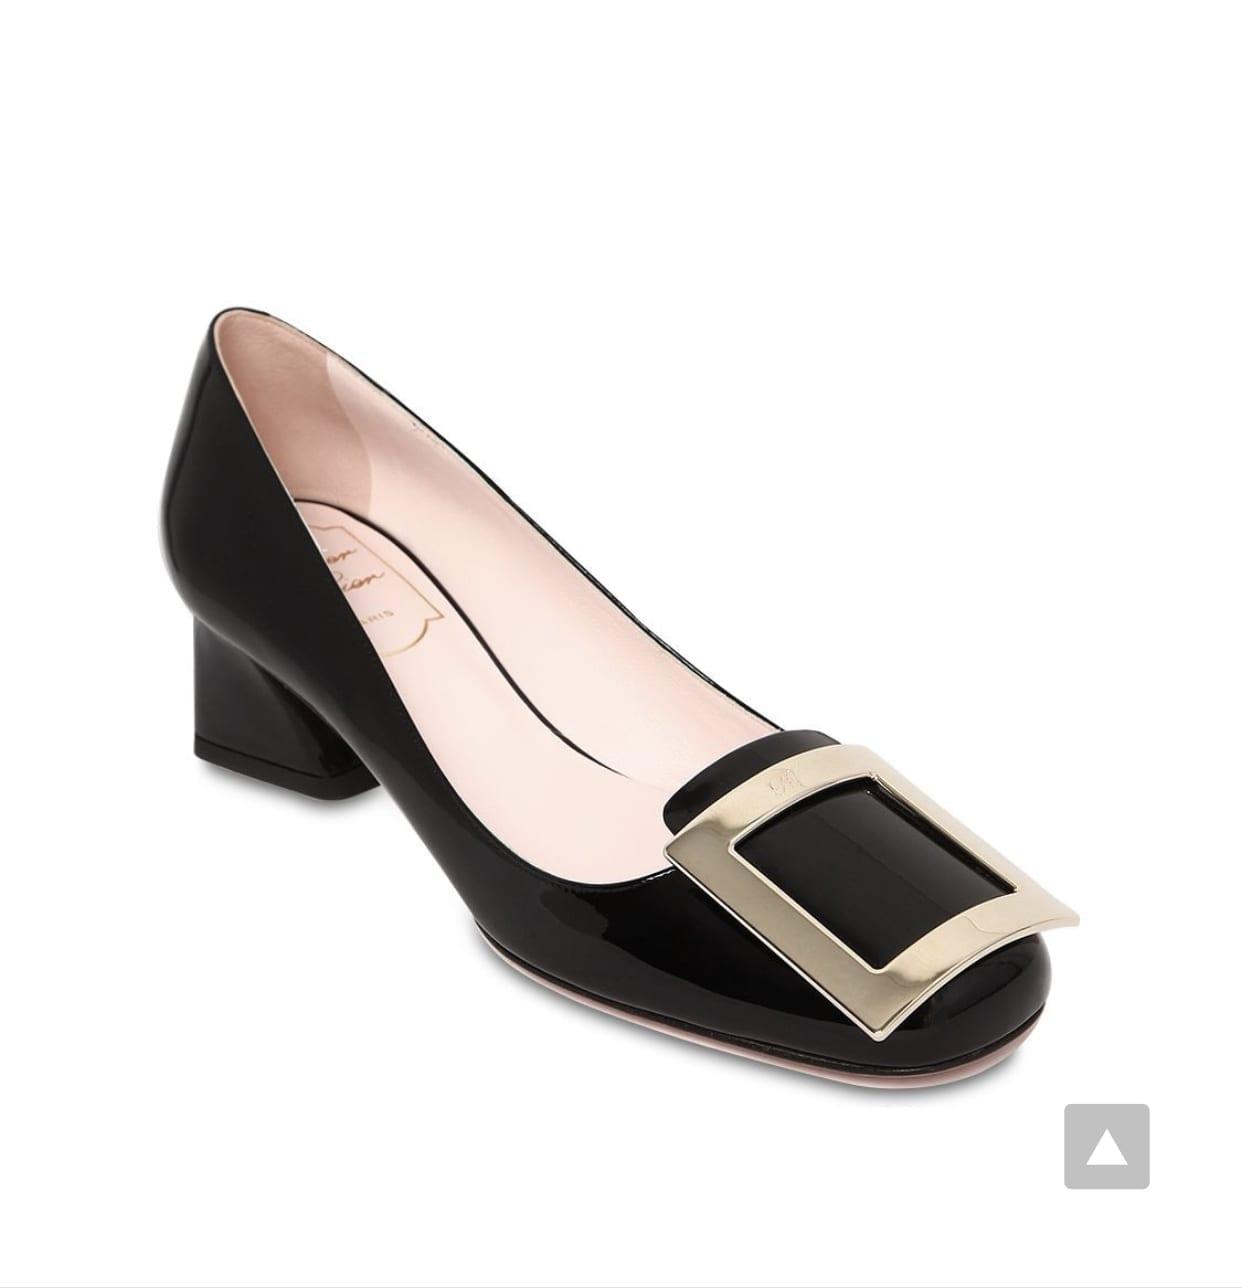 Luisaviaroma: 40% off select full-price styles